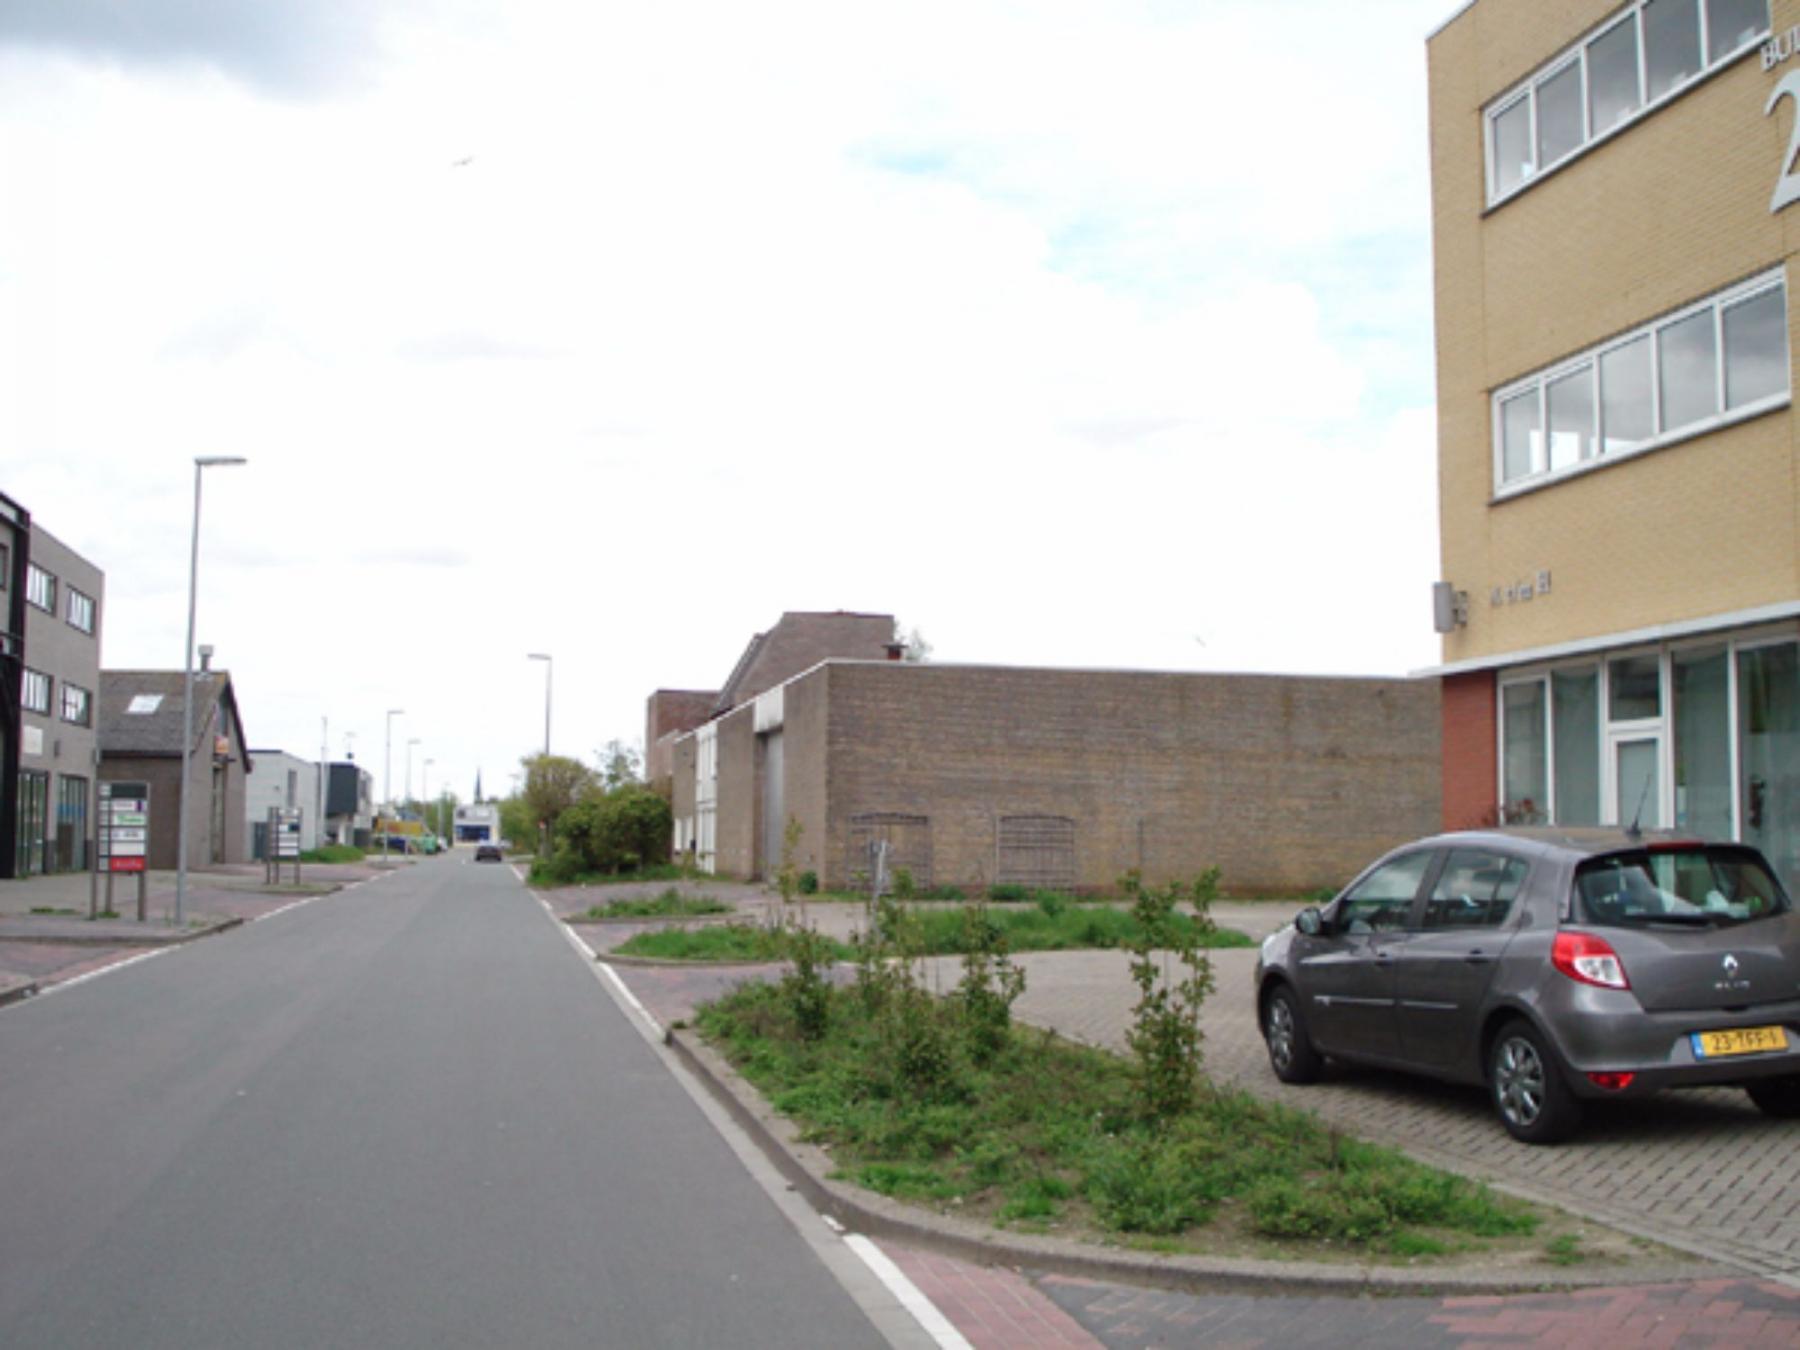 Office space for rent in Alkmaar